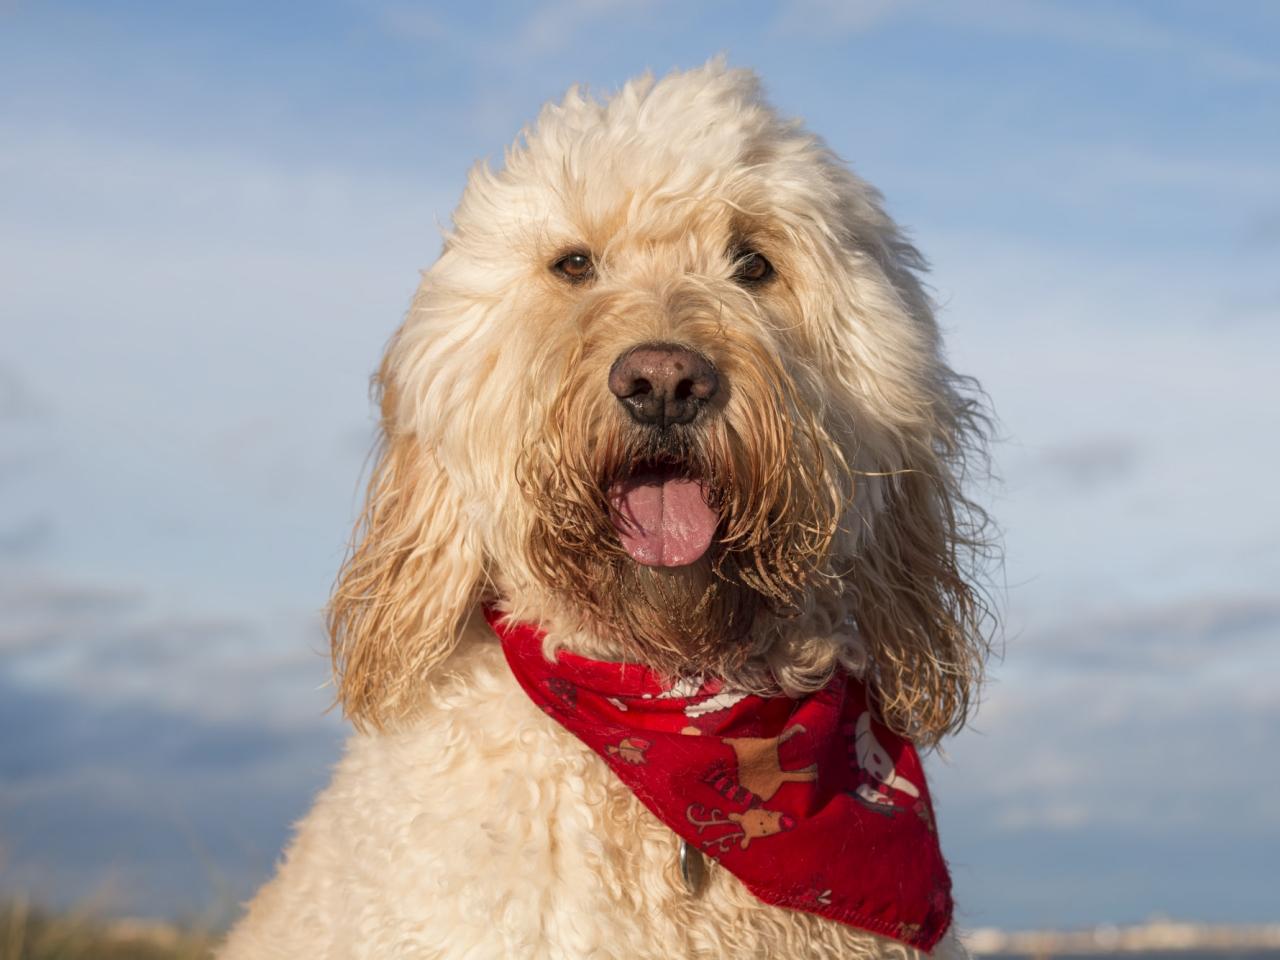 Fotografías de perros - 1280x960